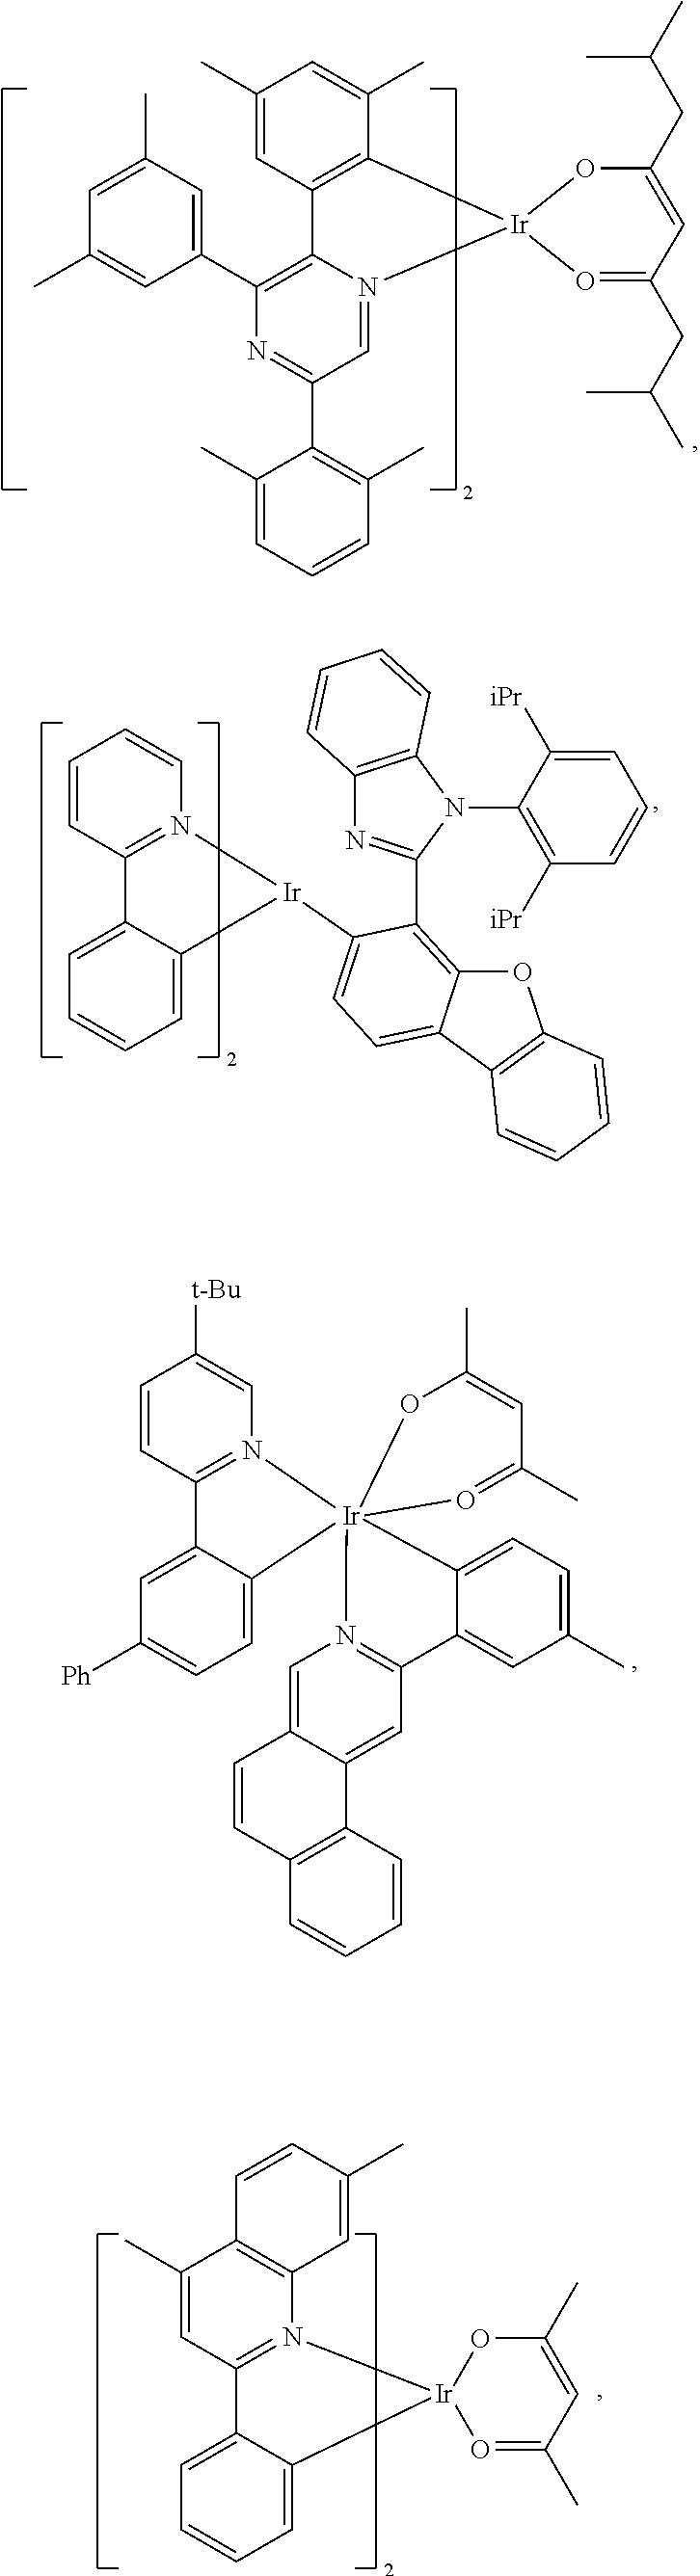 Figure US09859510-20180102-C00078